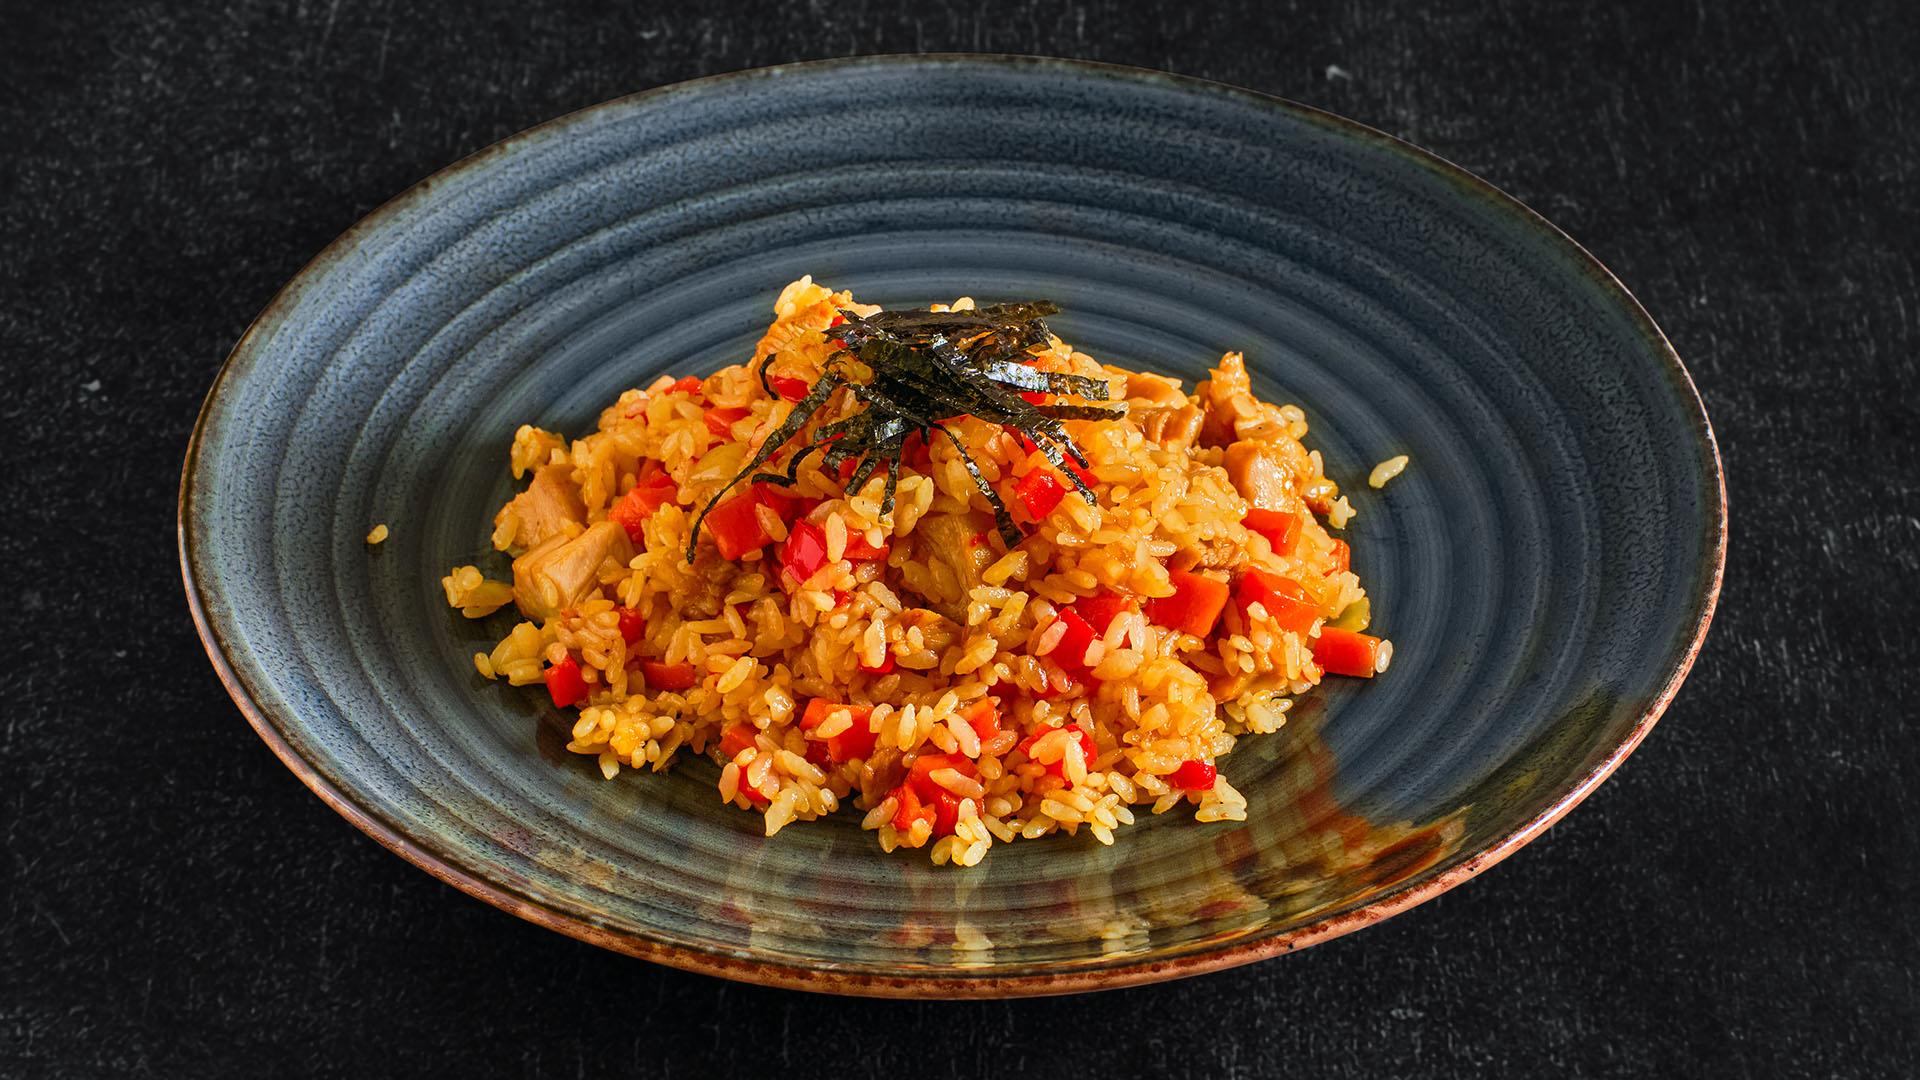 Studentski recepti: Pileći file s kiselom rižom